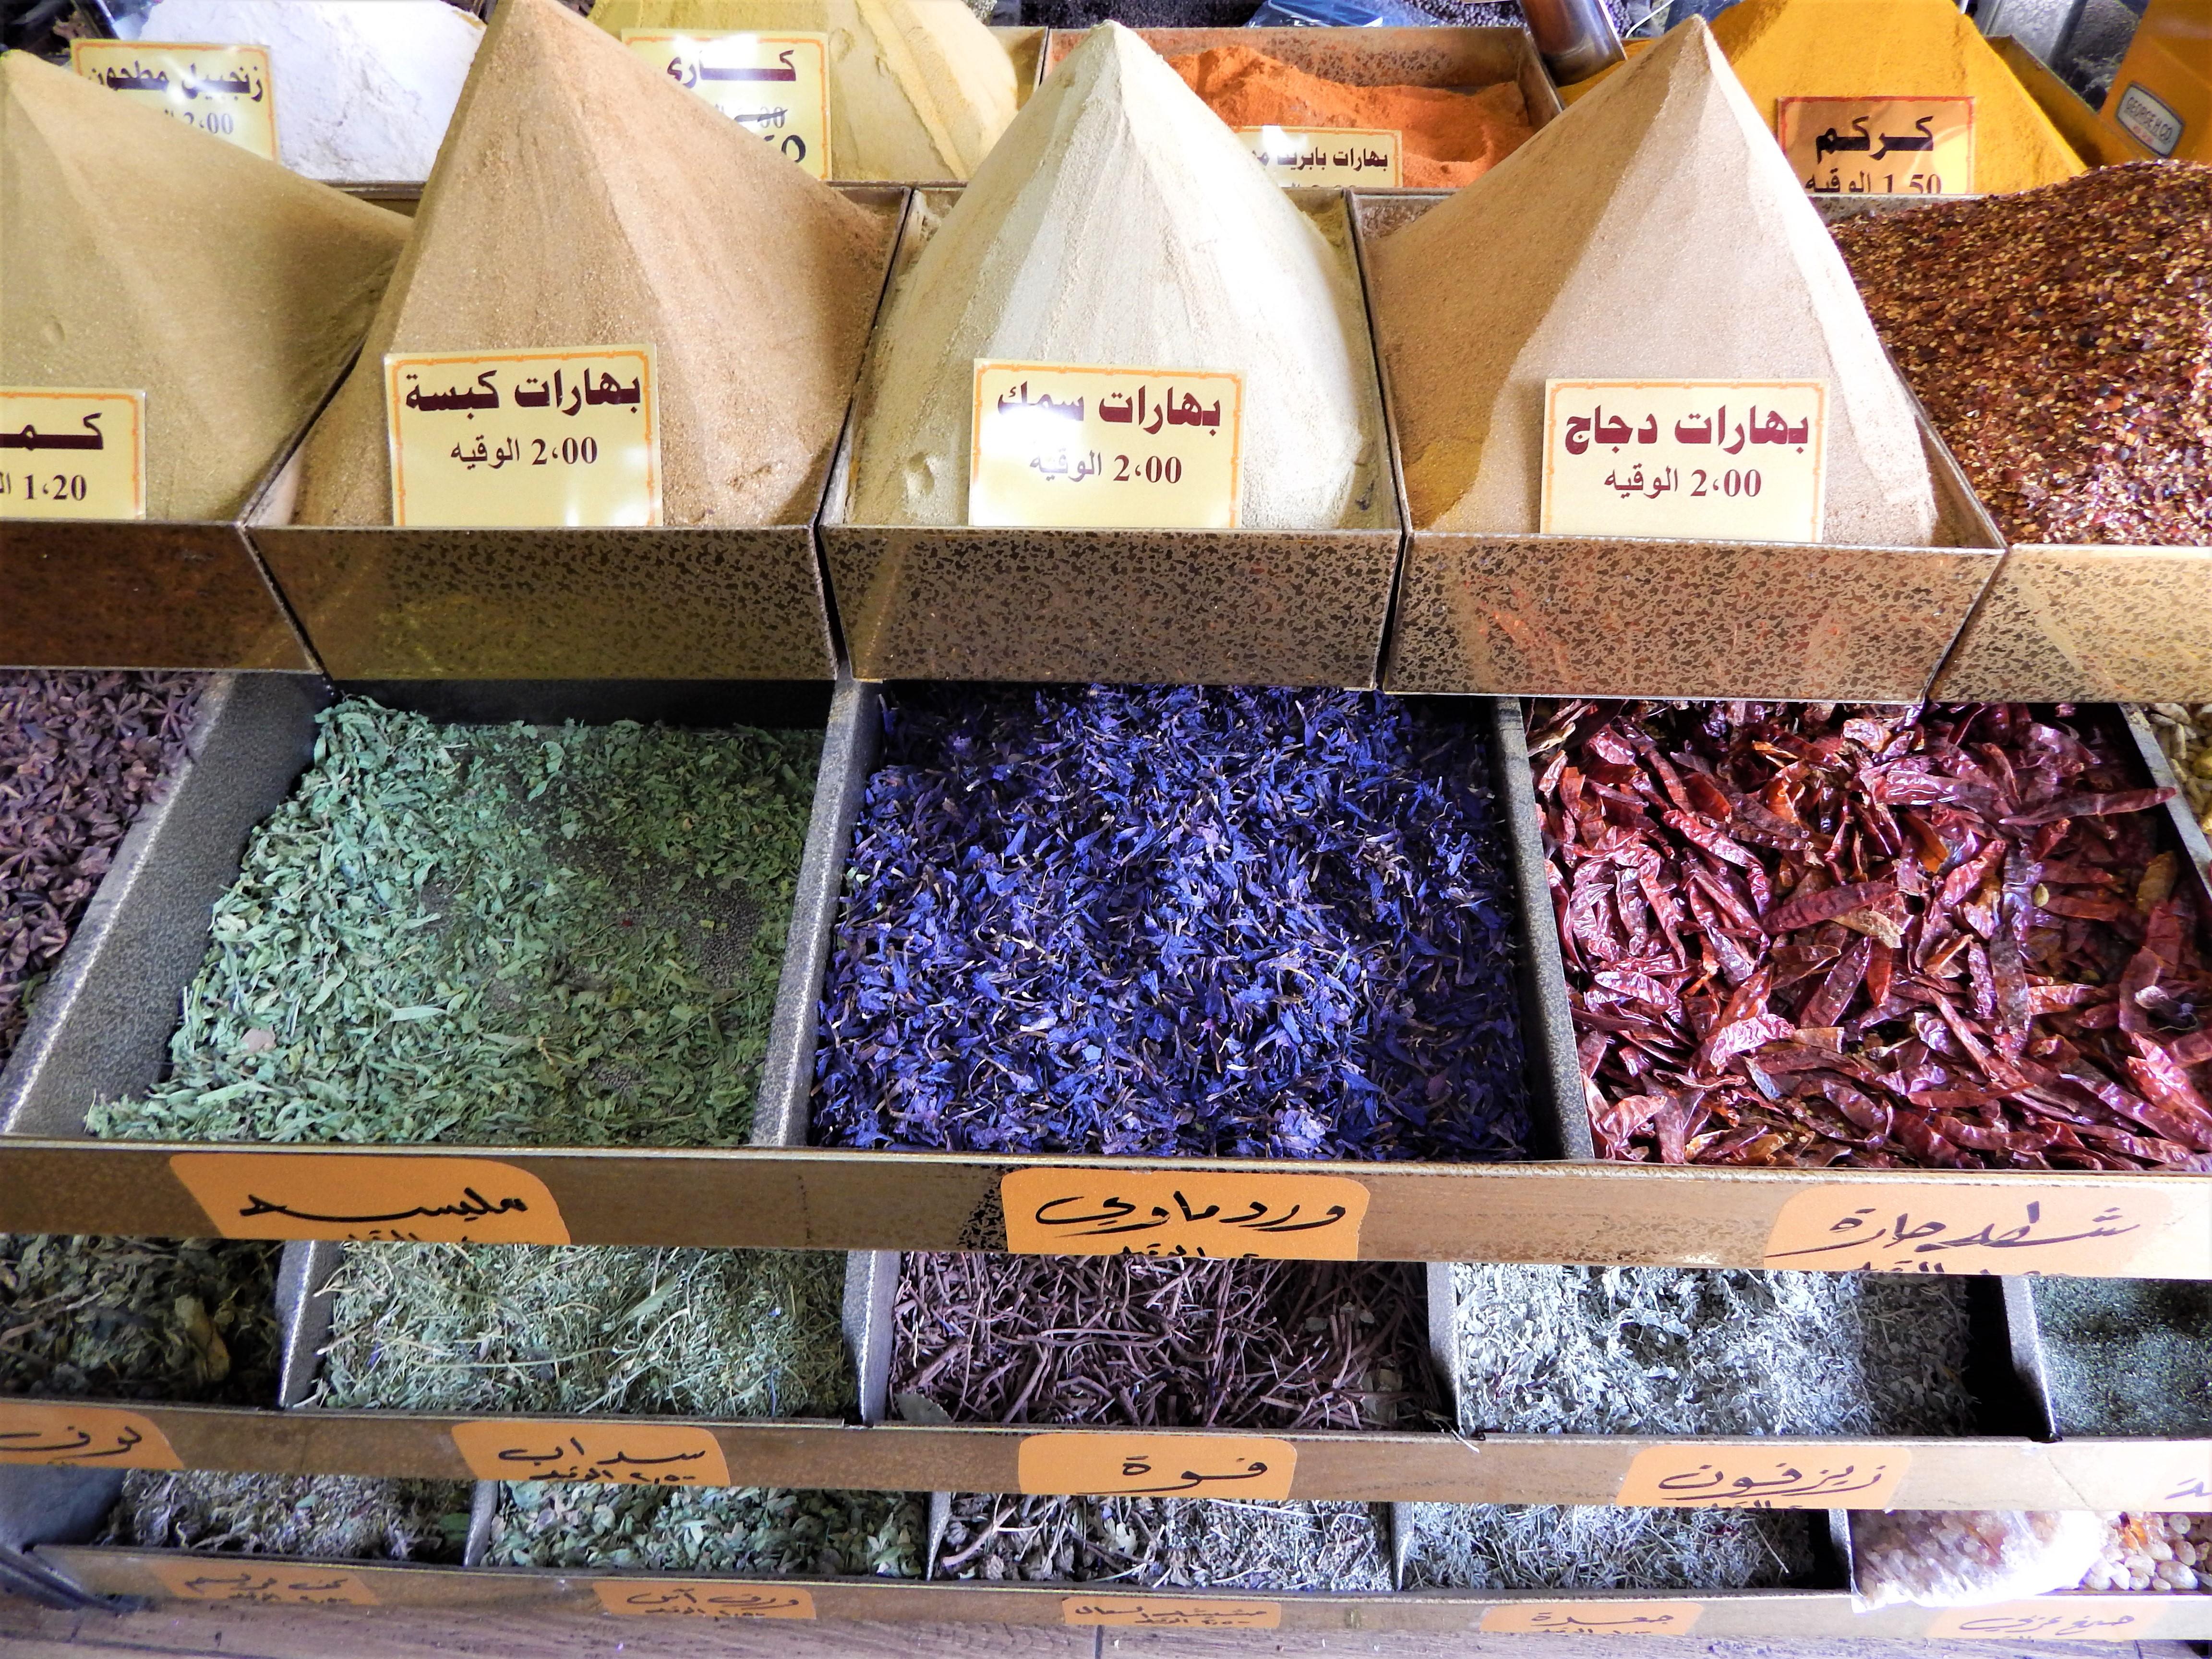 Souks in Amman